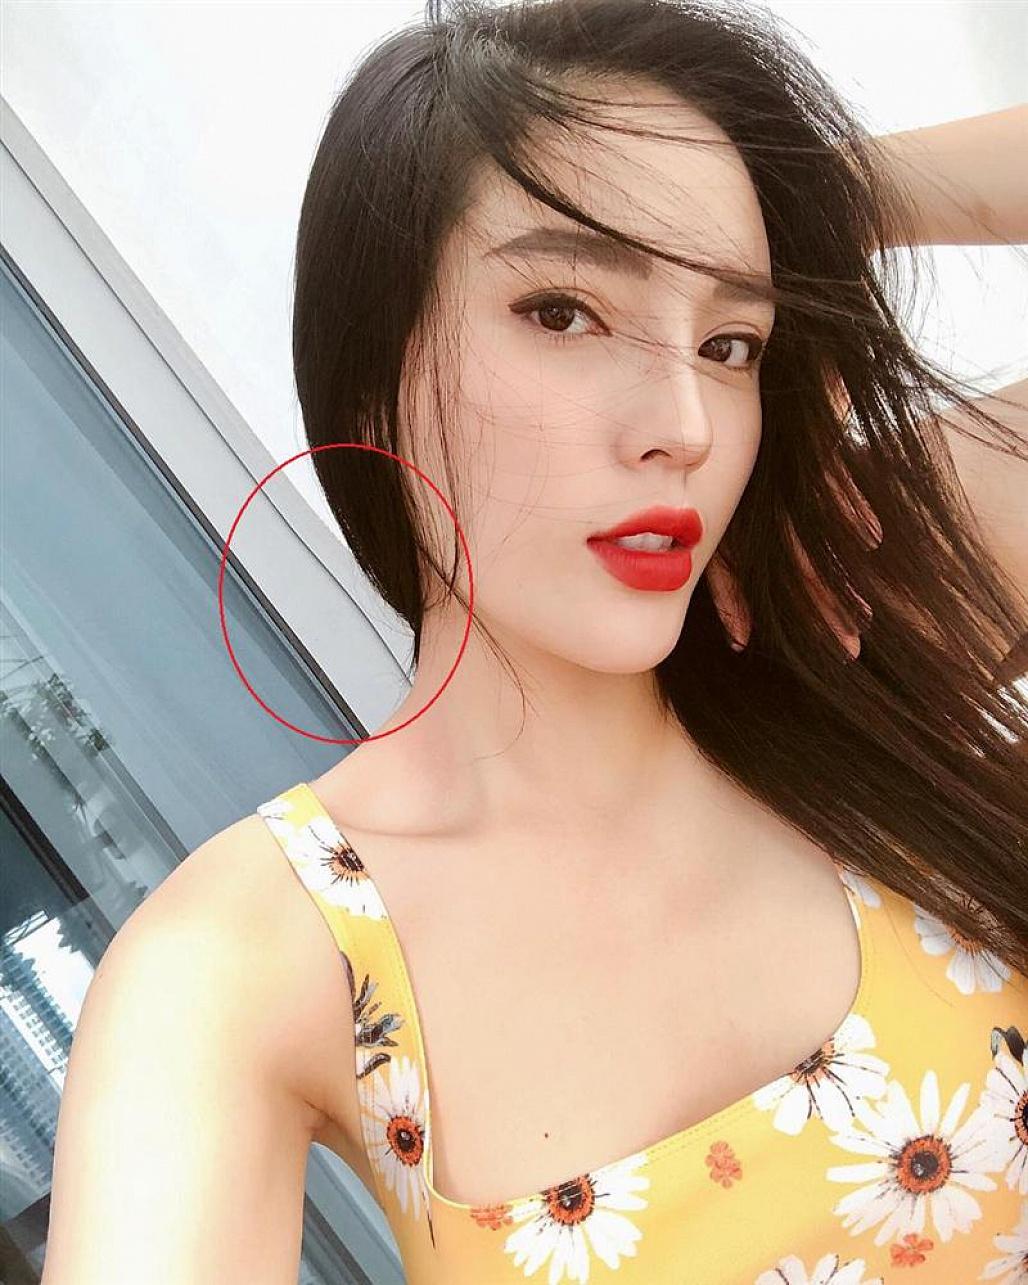 Đẹp hơn người vẫn lạm dụng photoshop, Hương Giang – Hồ Ngọc Hà không ngờ bị app phản-9